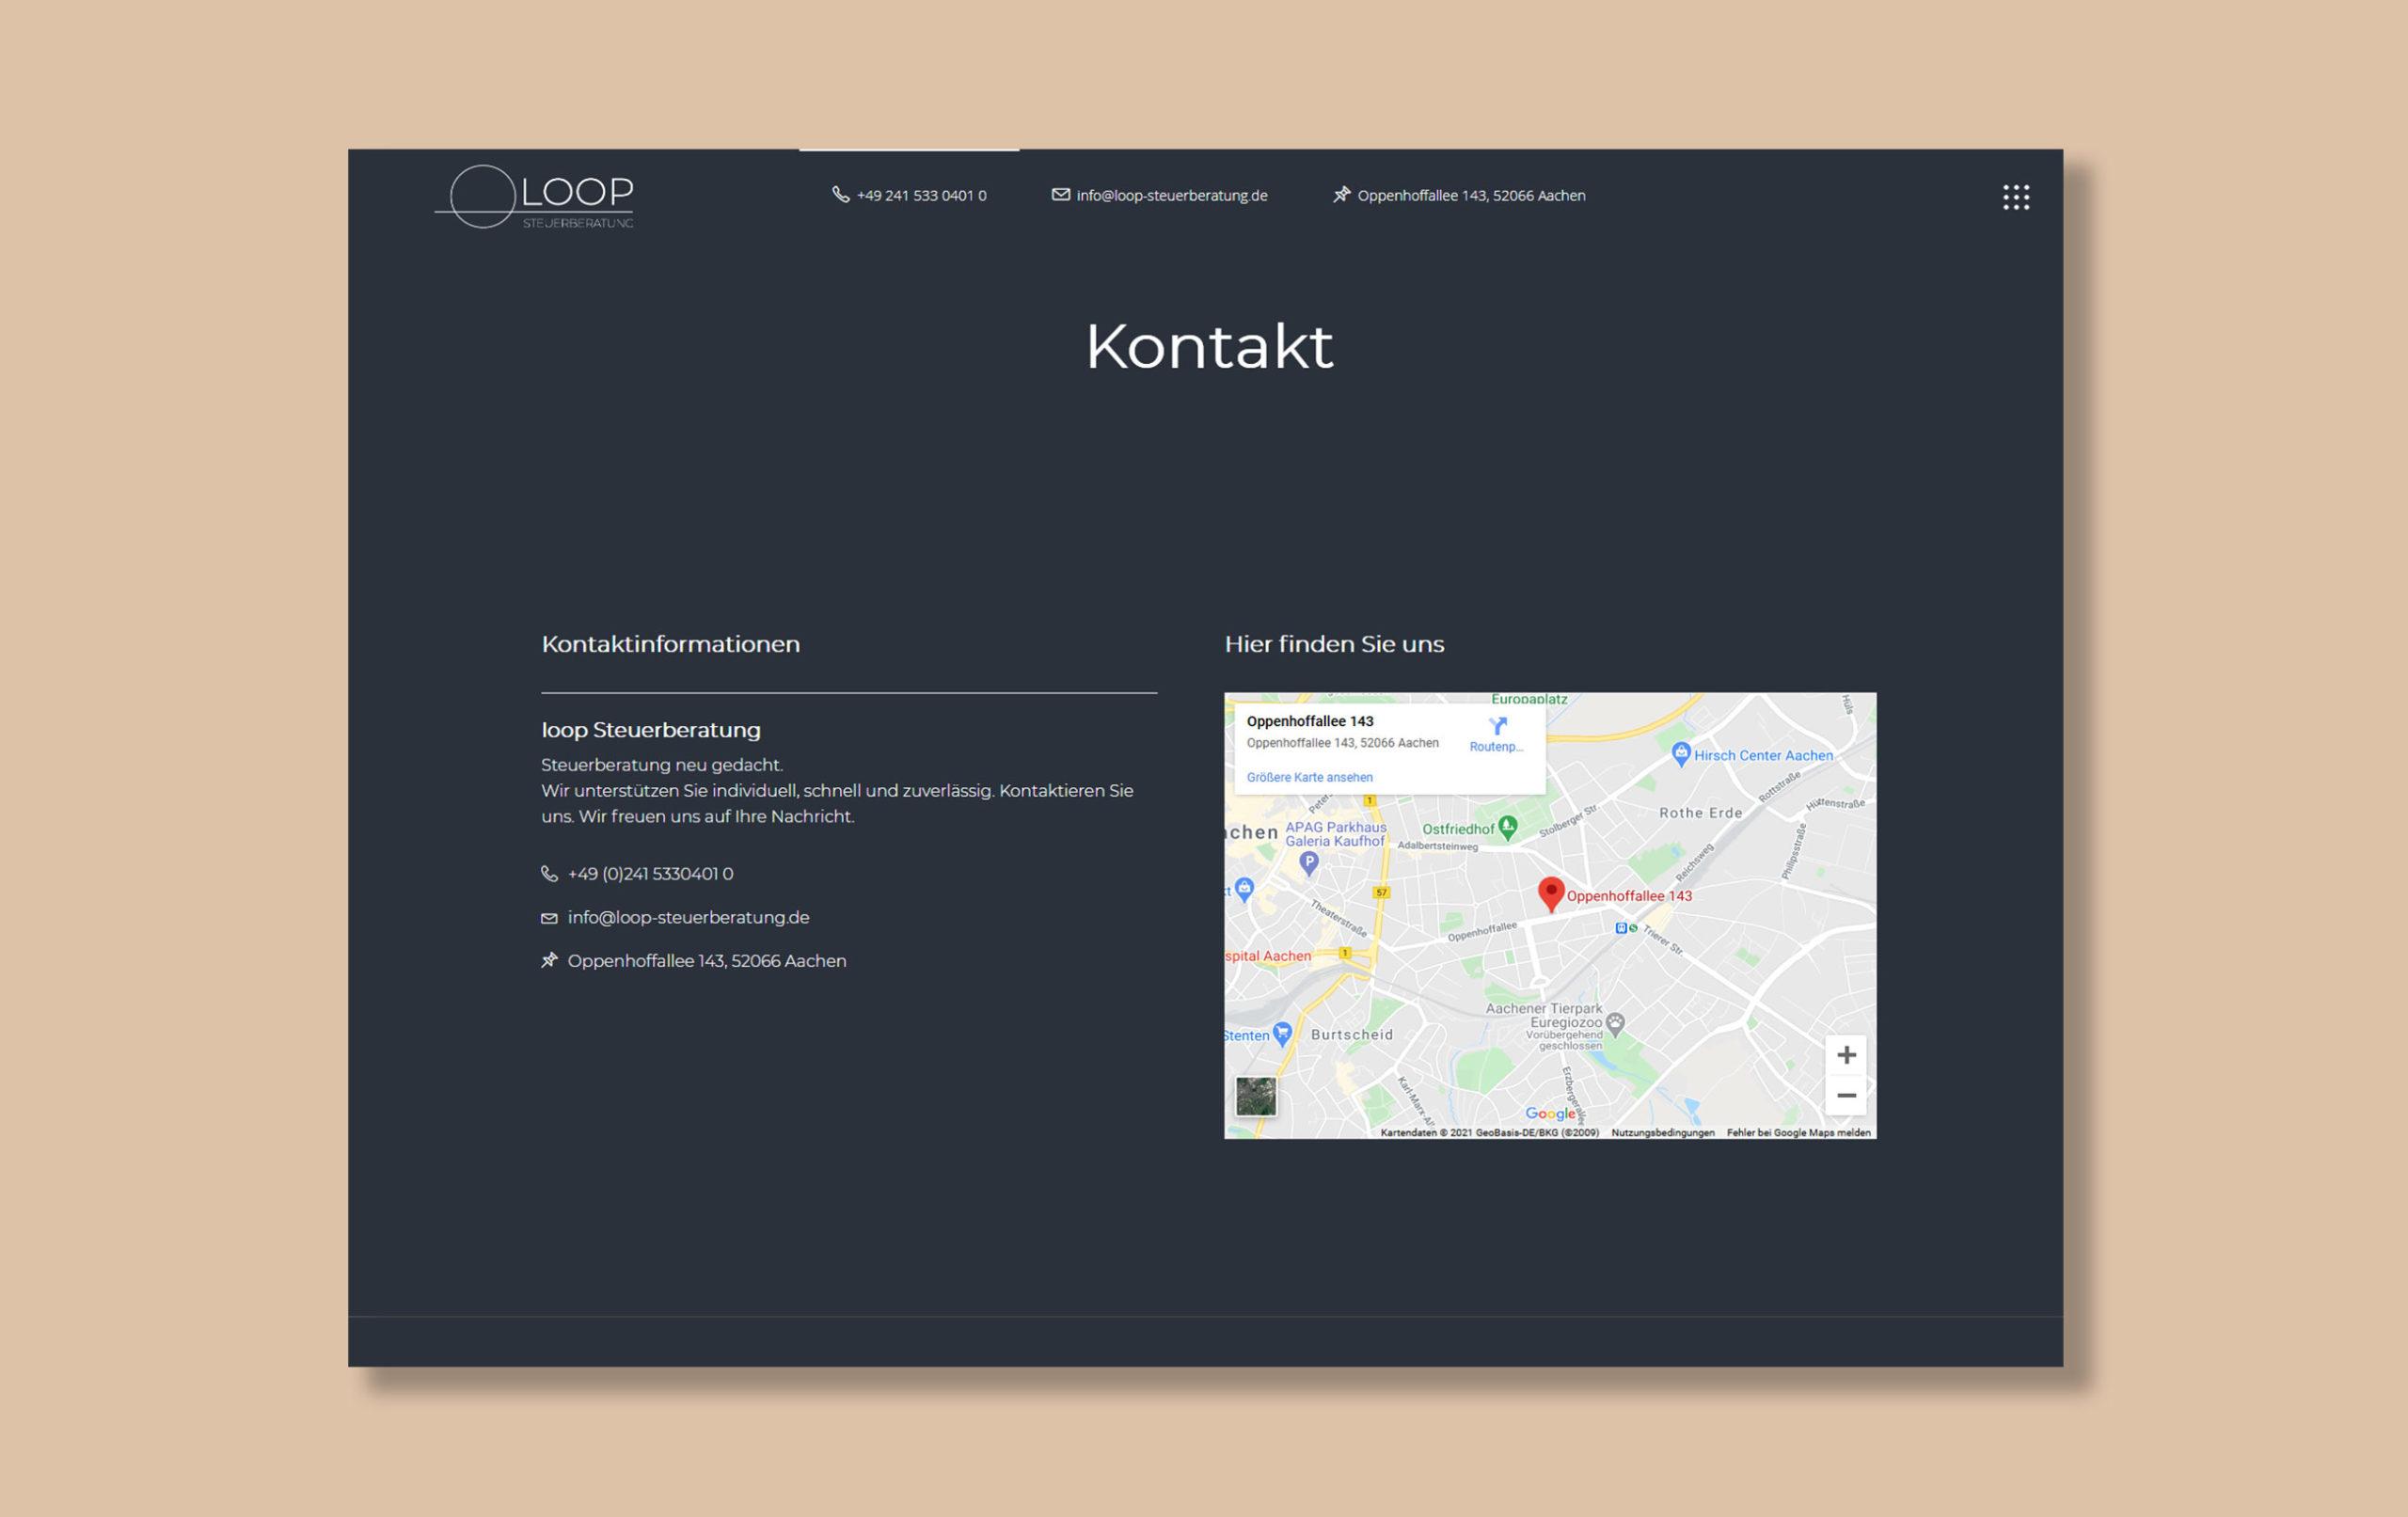 Kontaktseite der Loop Steuerberatung Webseite, Beispiel für Webdesign